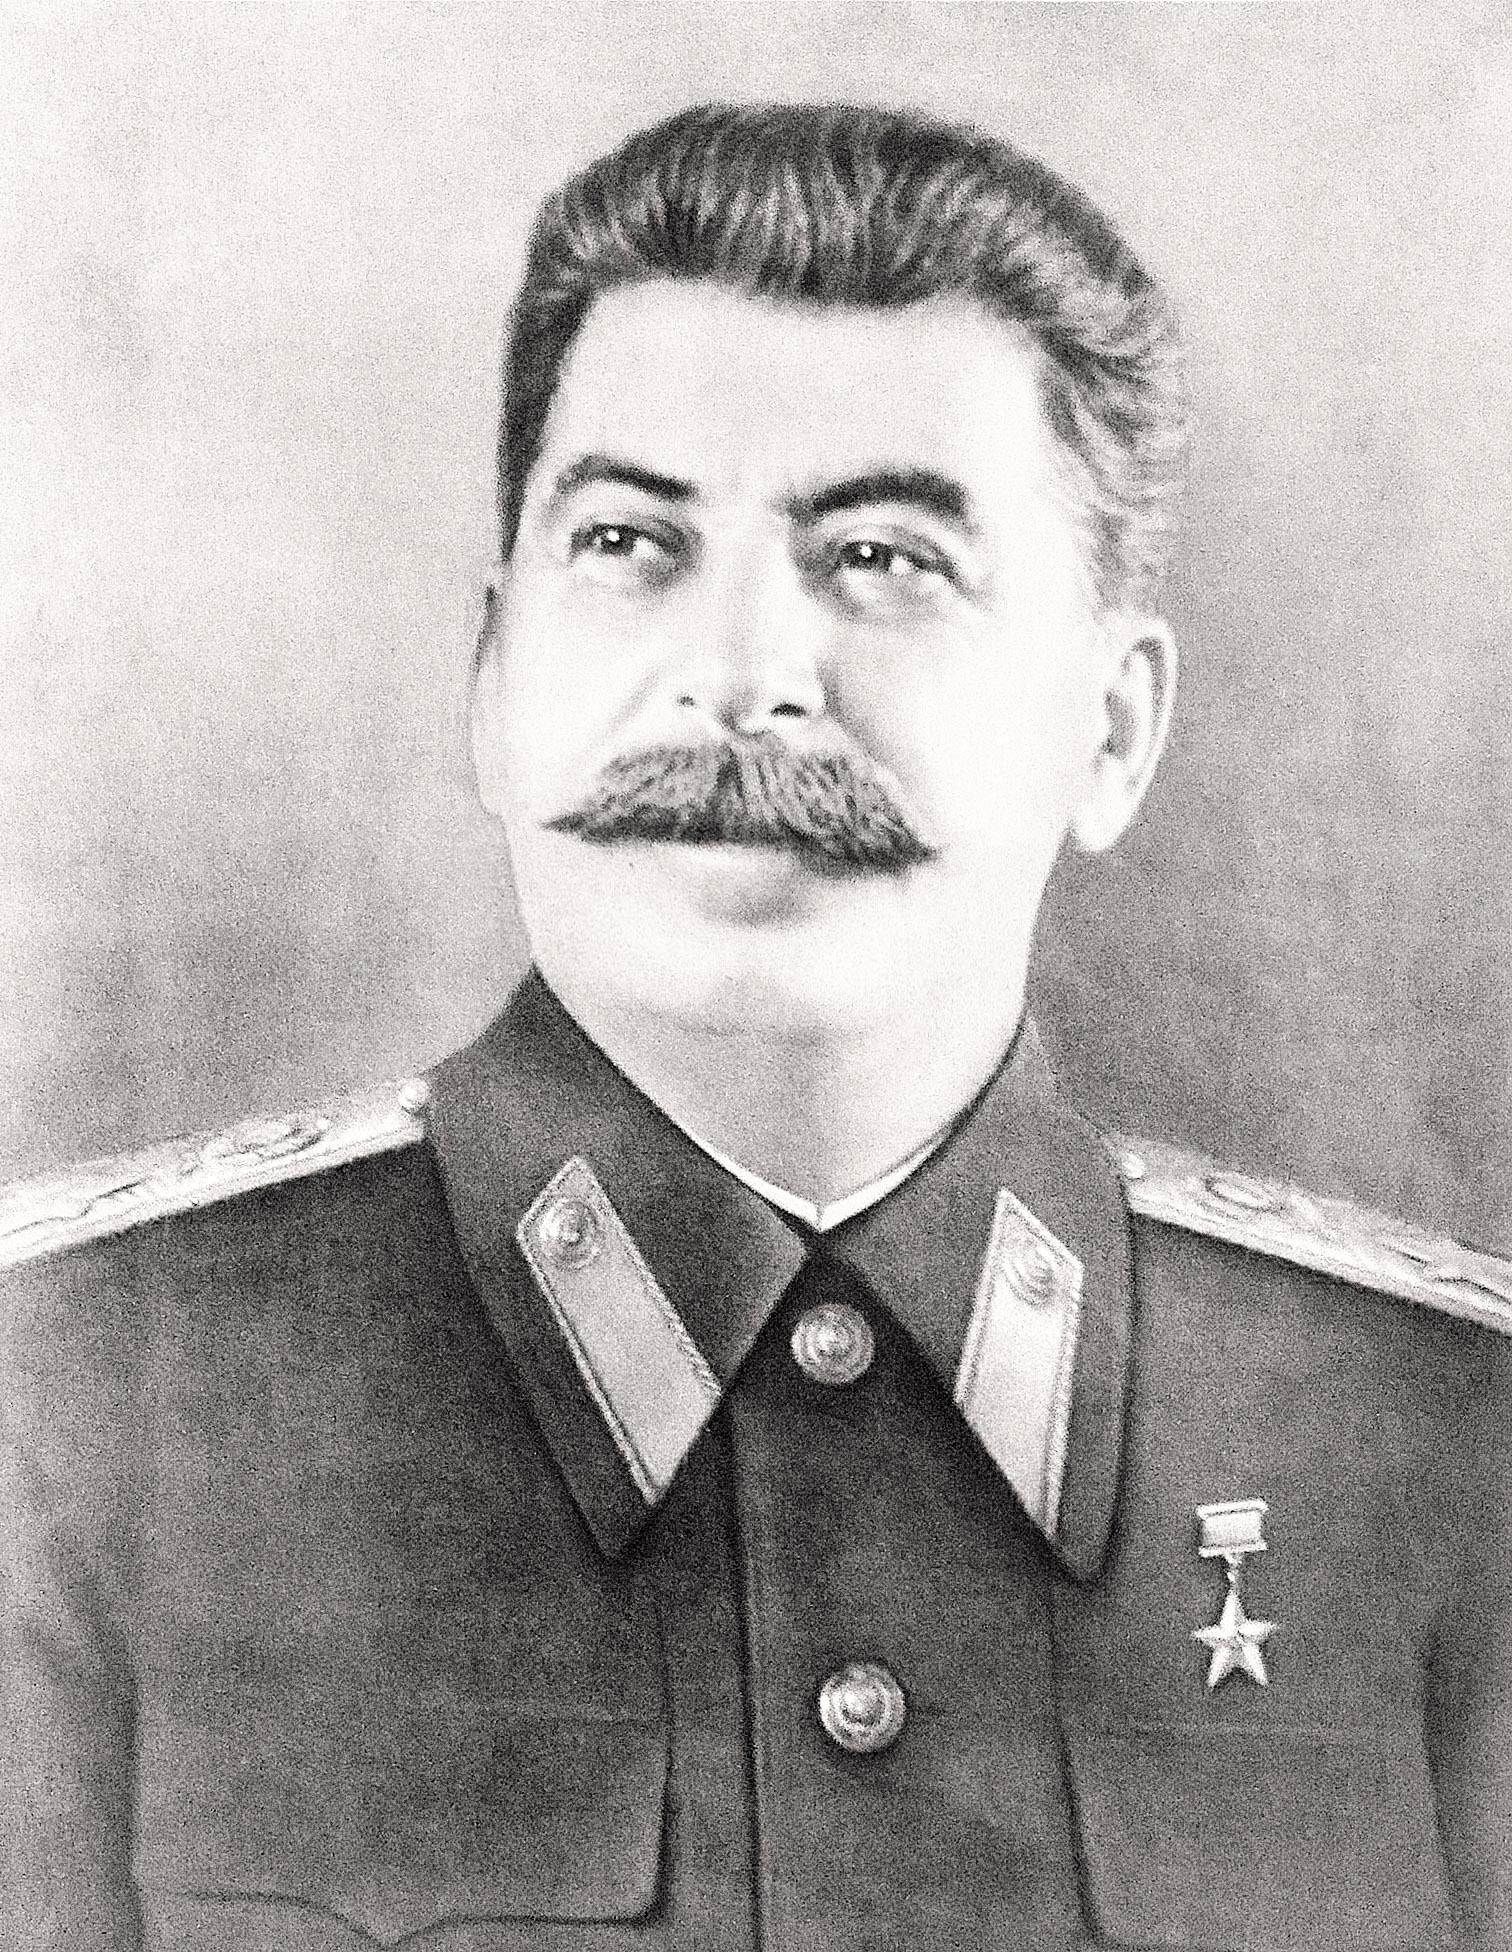 Joseph Stalin (True Profile) | Joke Battles Wikia | FANDOM